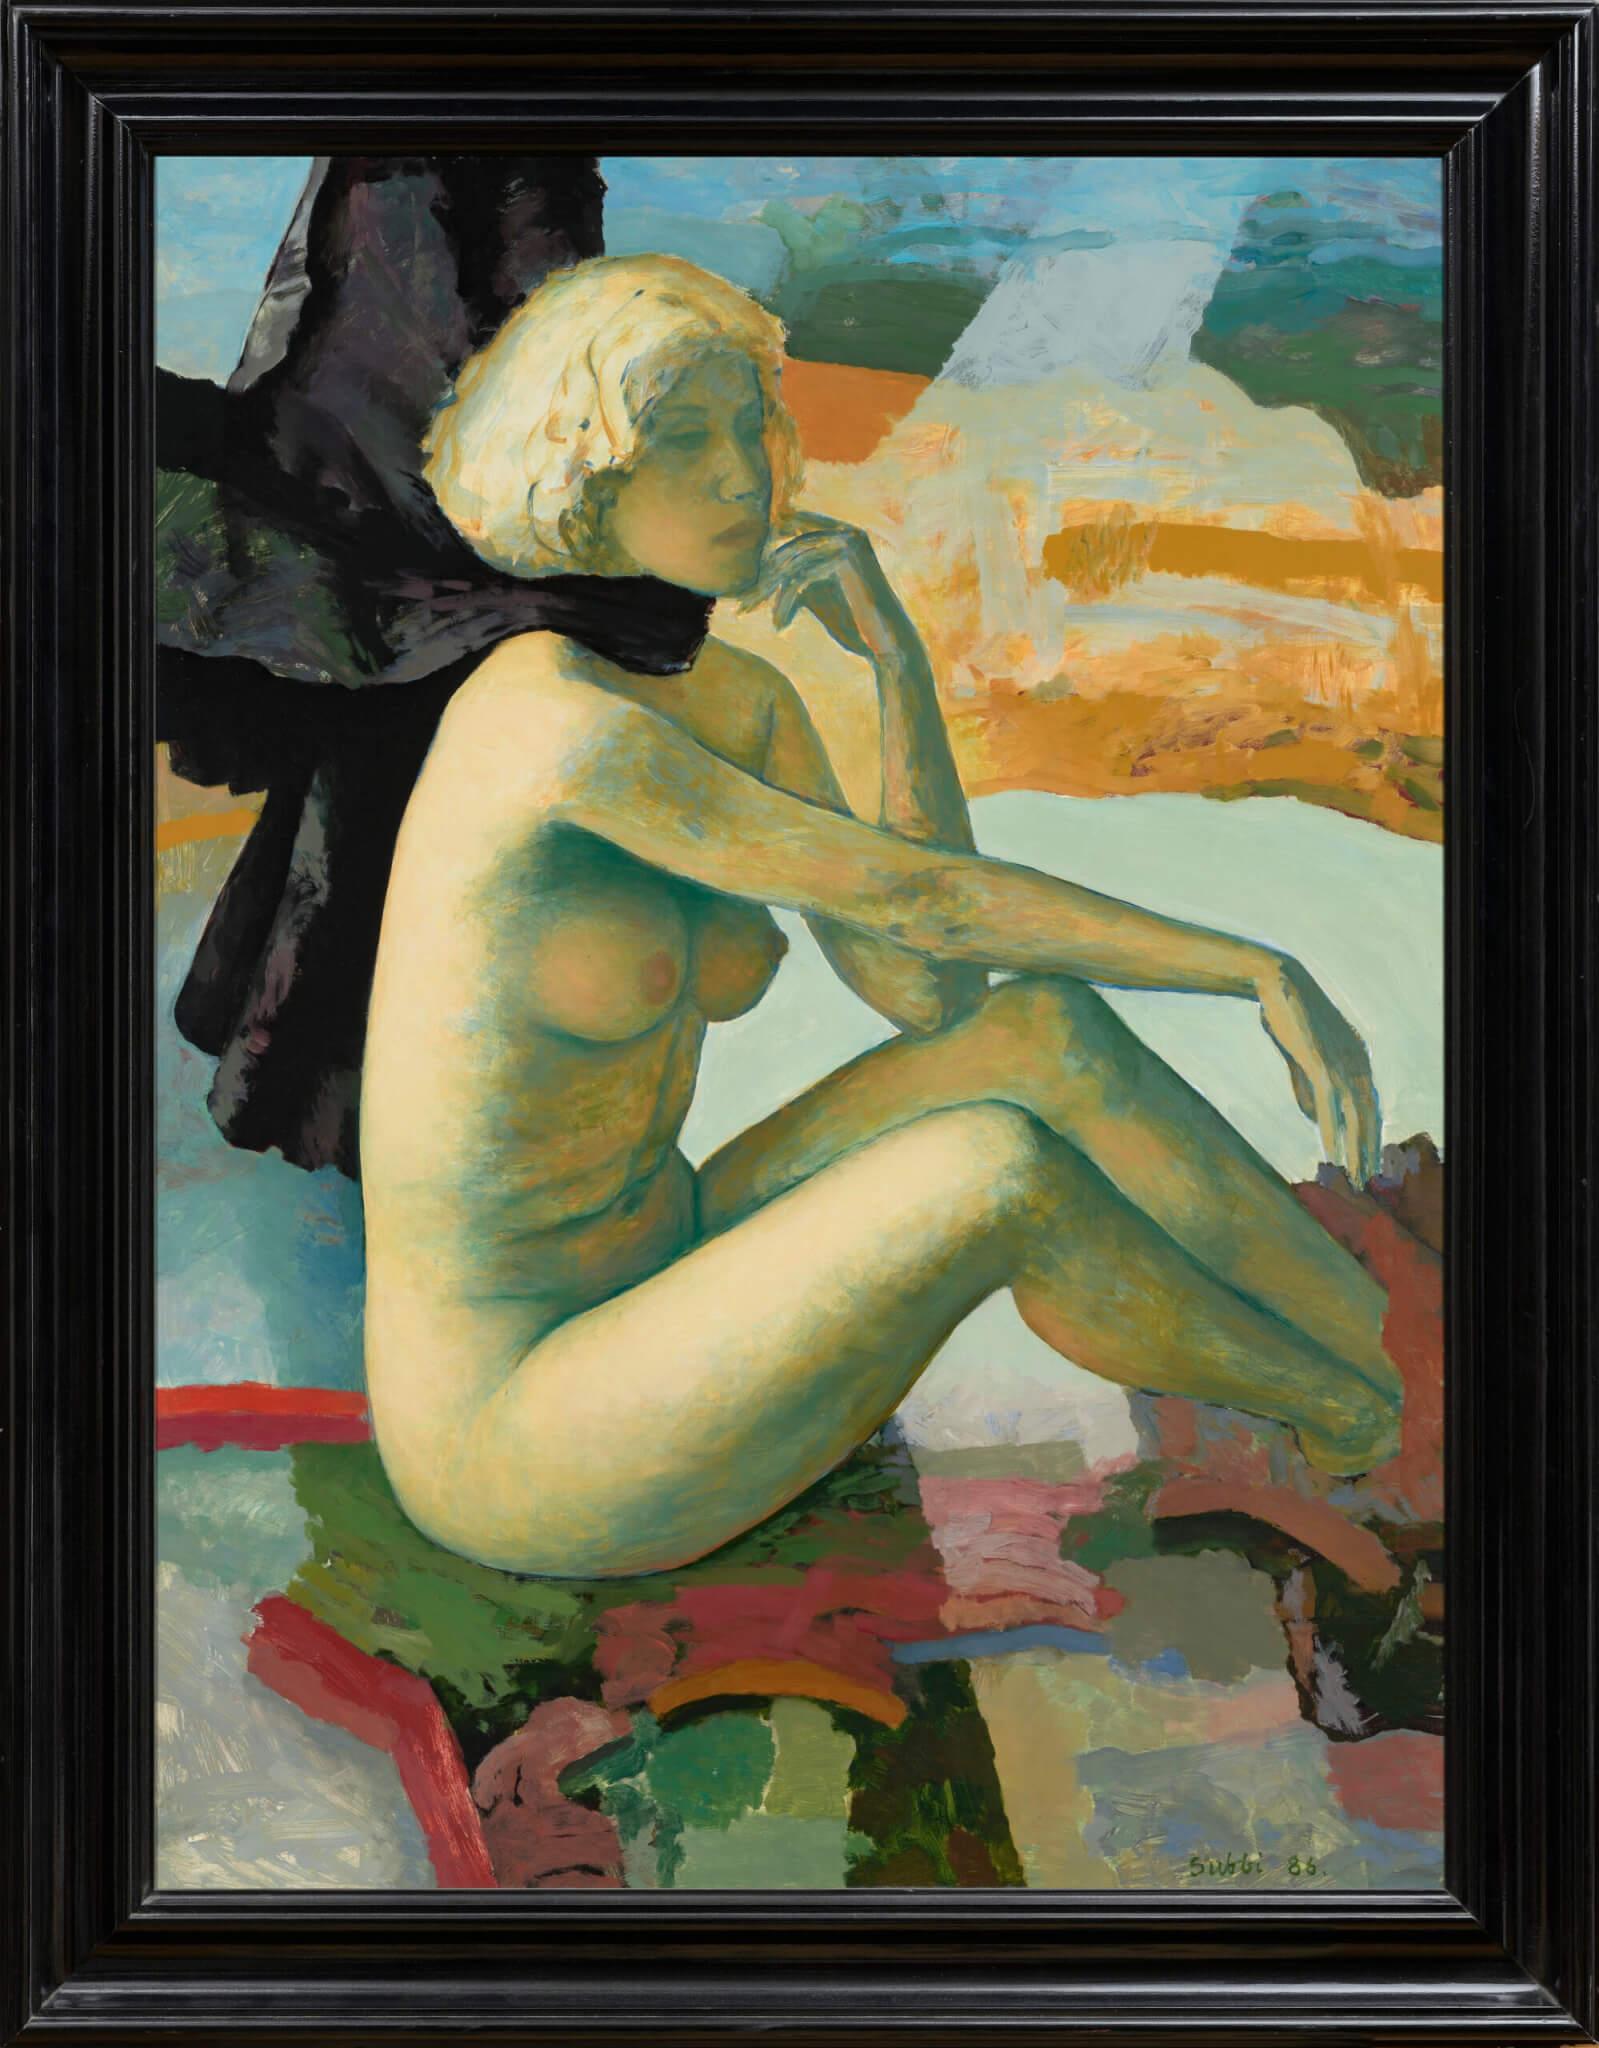 Olev-Subbi-akt-raamiga-Allee-galerii-sügisoksjon-2020